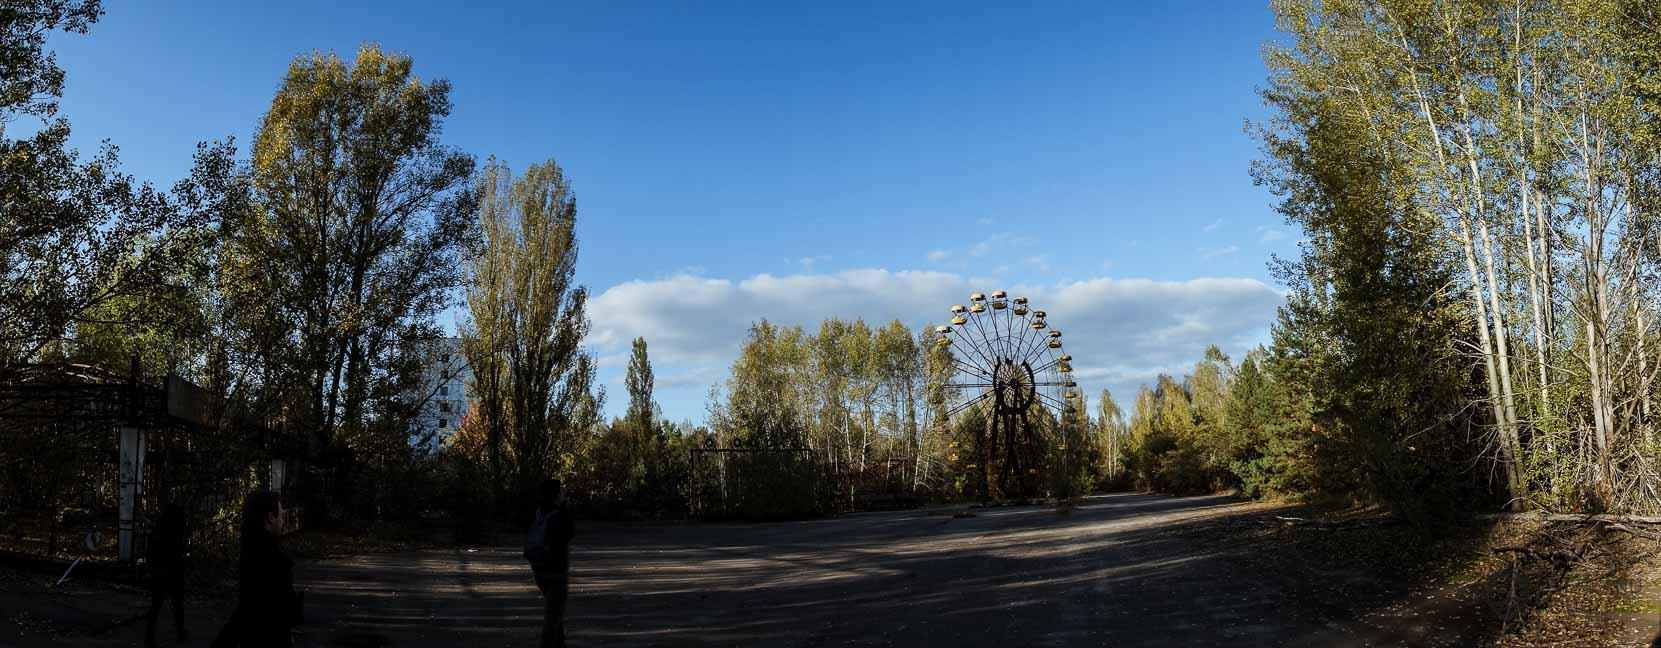 Der Vergügungspark von Prypjat sollte am 1. Mai 1986 eröffnet werden - Es kam nie dazu